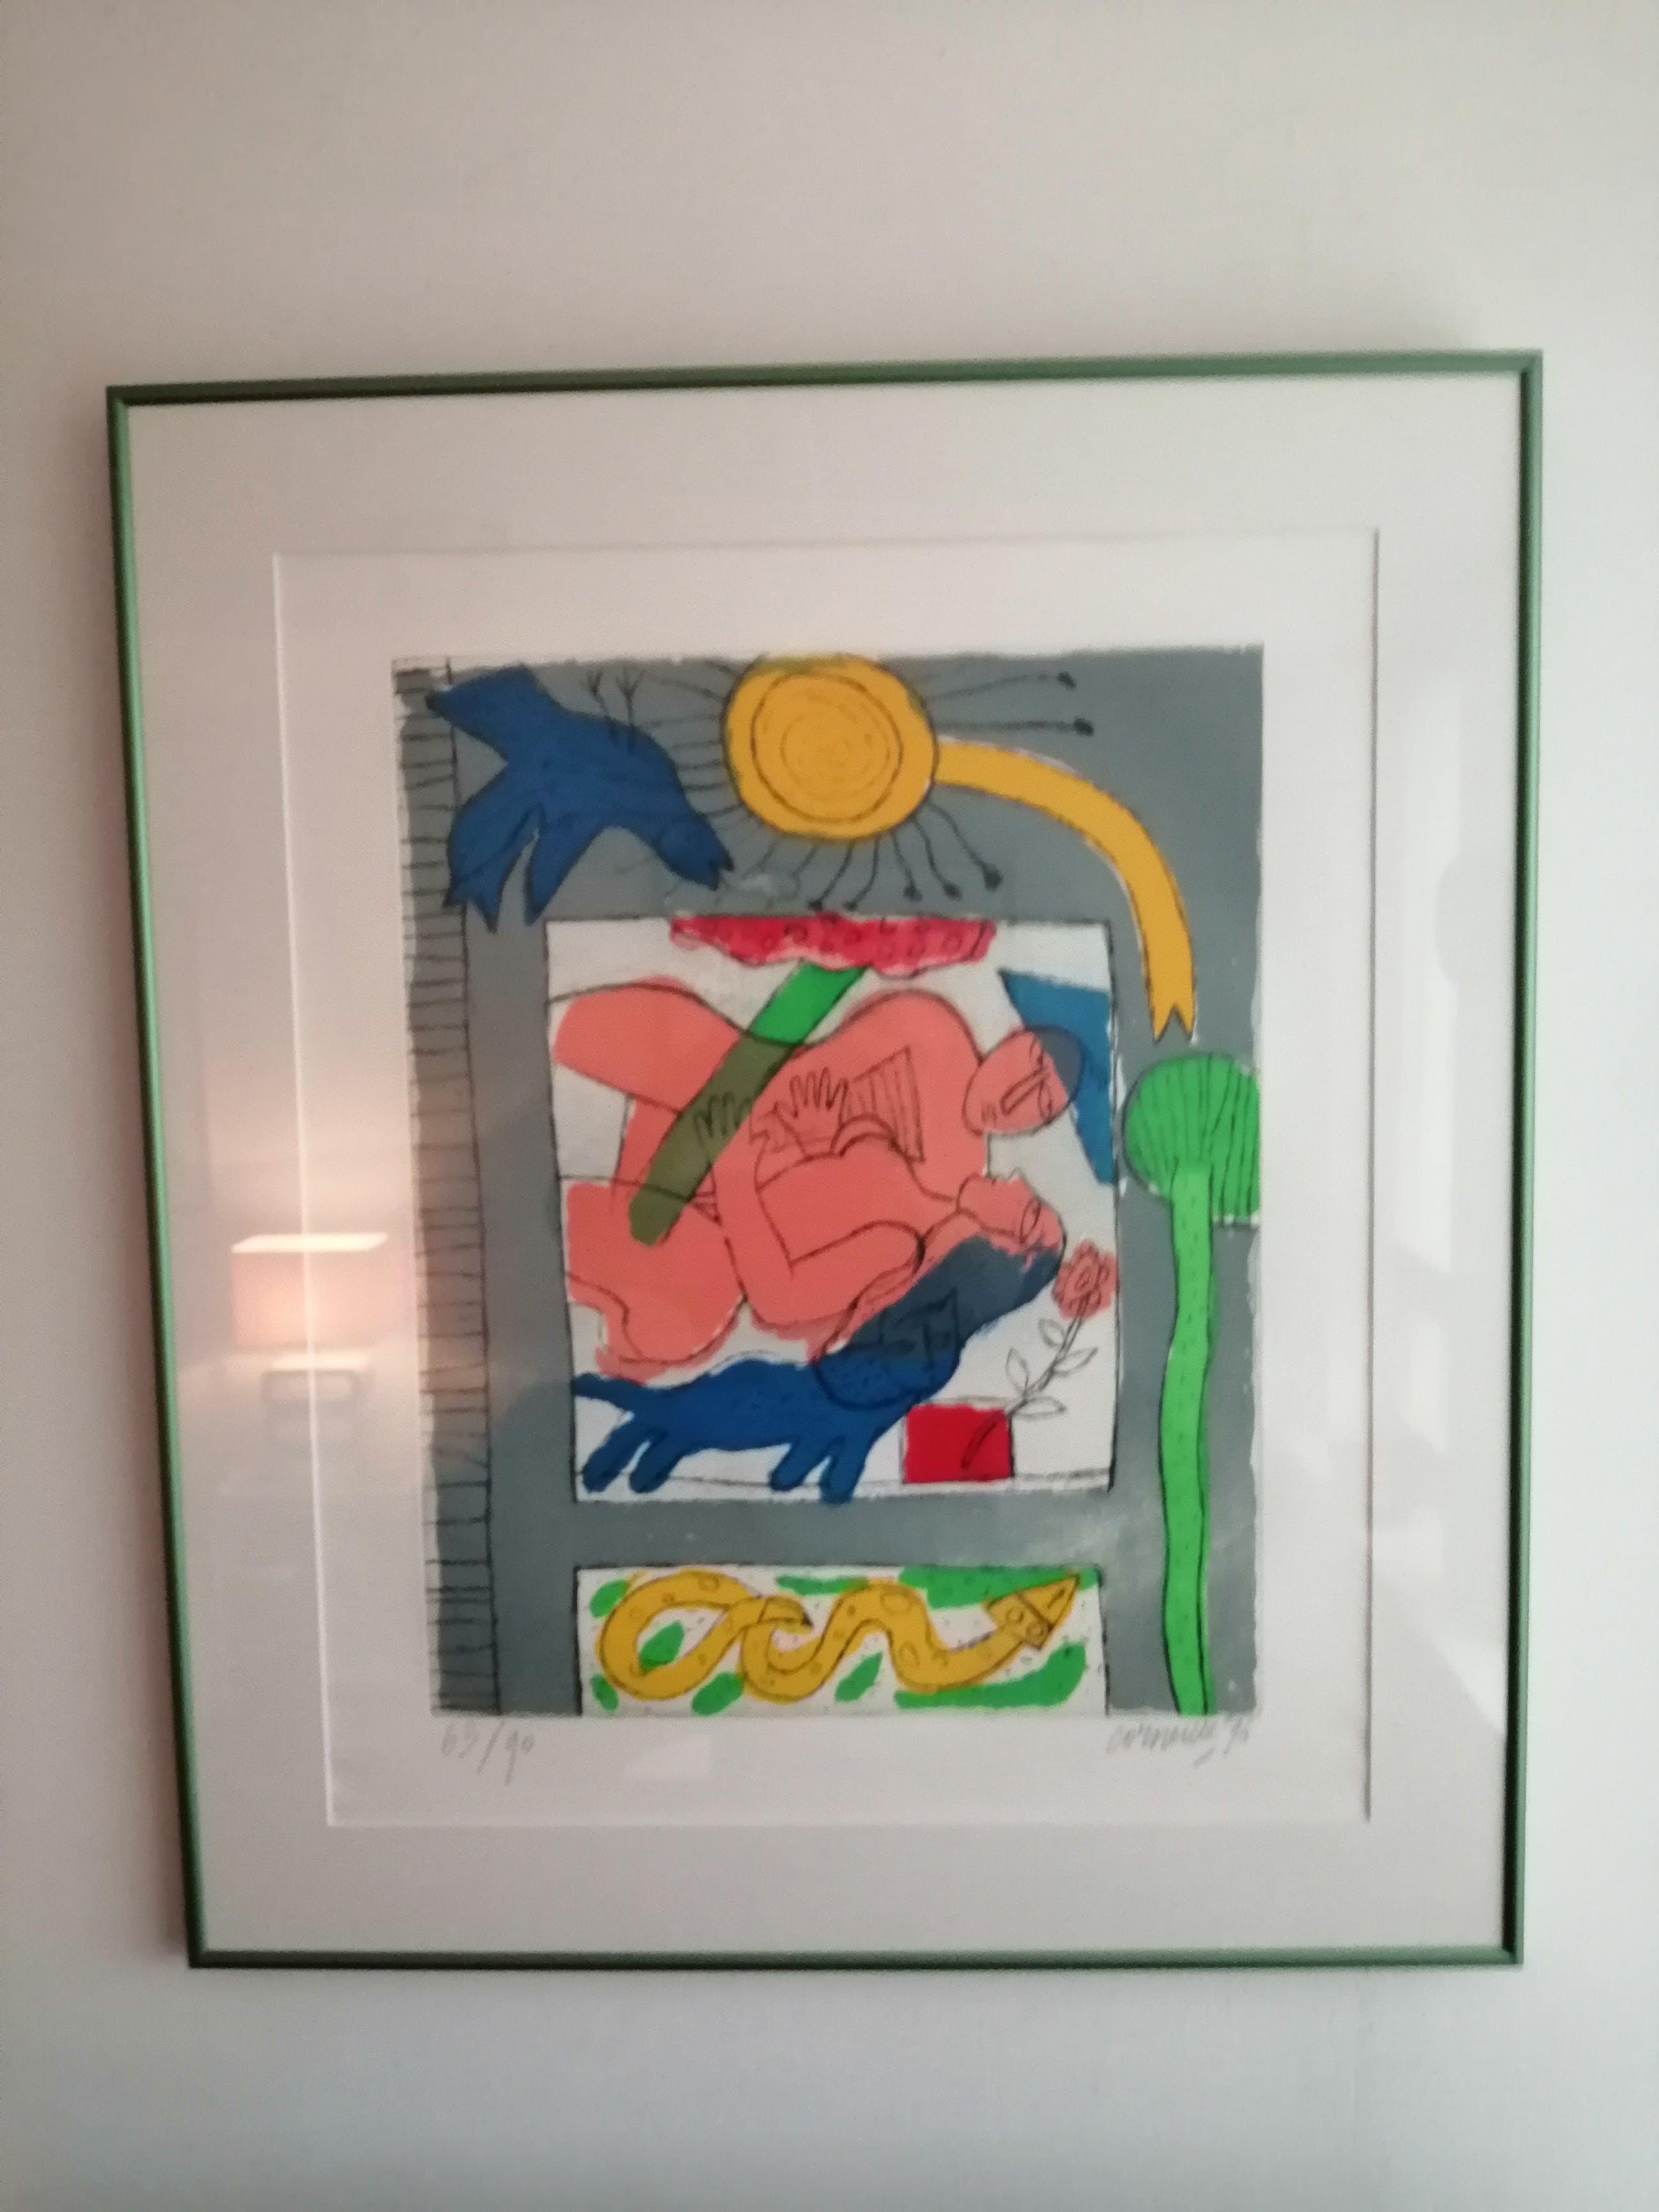 Corneille - Prachtig werk uit 1996 kopen? Bied vanaf 275!